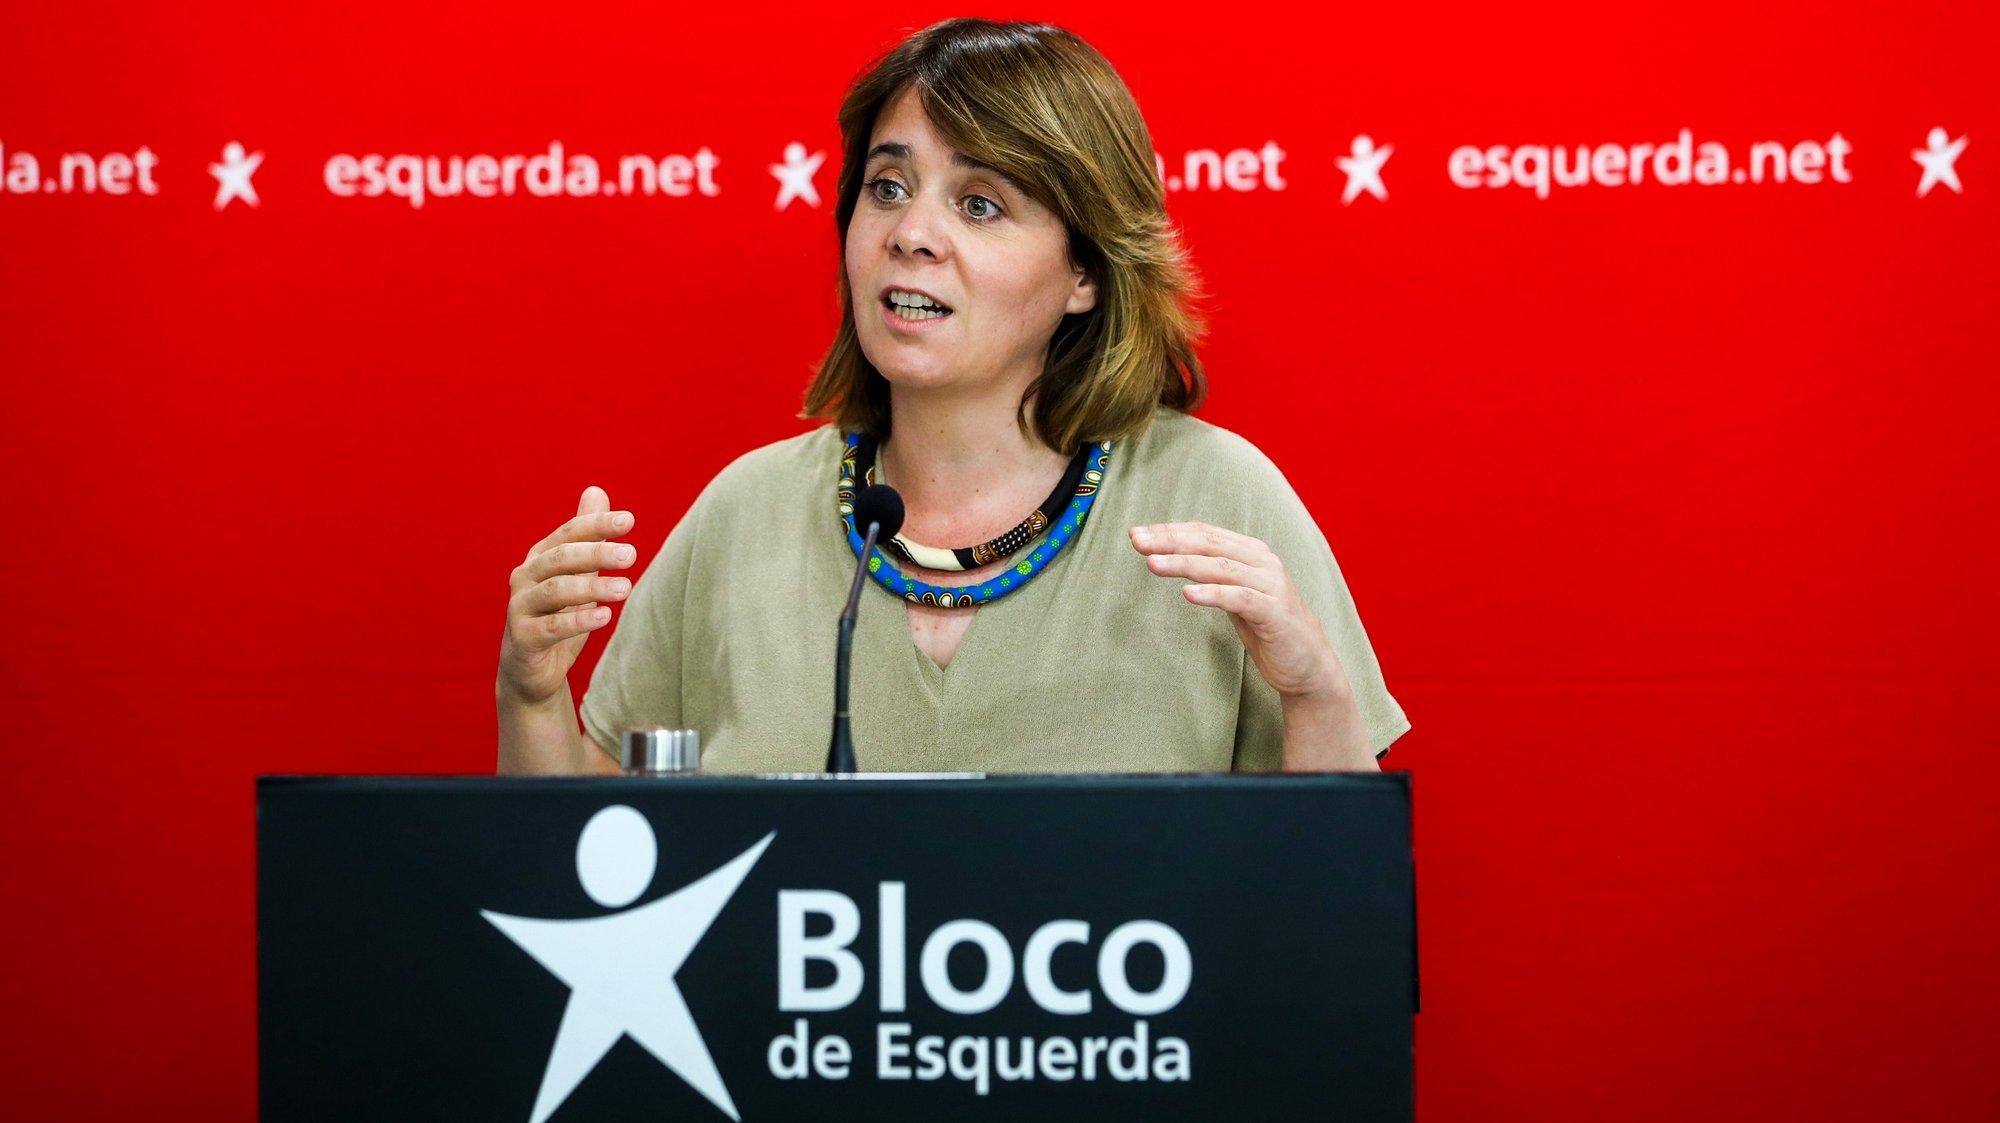 A coordenadora do Bloco de Esquerda, Catarina Martins, fala aos jornalistas durante uma conferência de imprensa para apresentar as conclusões da reunião da mesa nacional do partido, em Lisboa, 29 de maio de 2021. JOSÉ SENA GOULÃO/LUSA